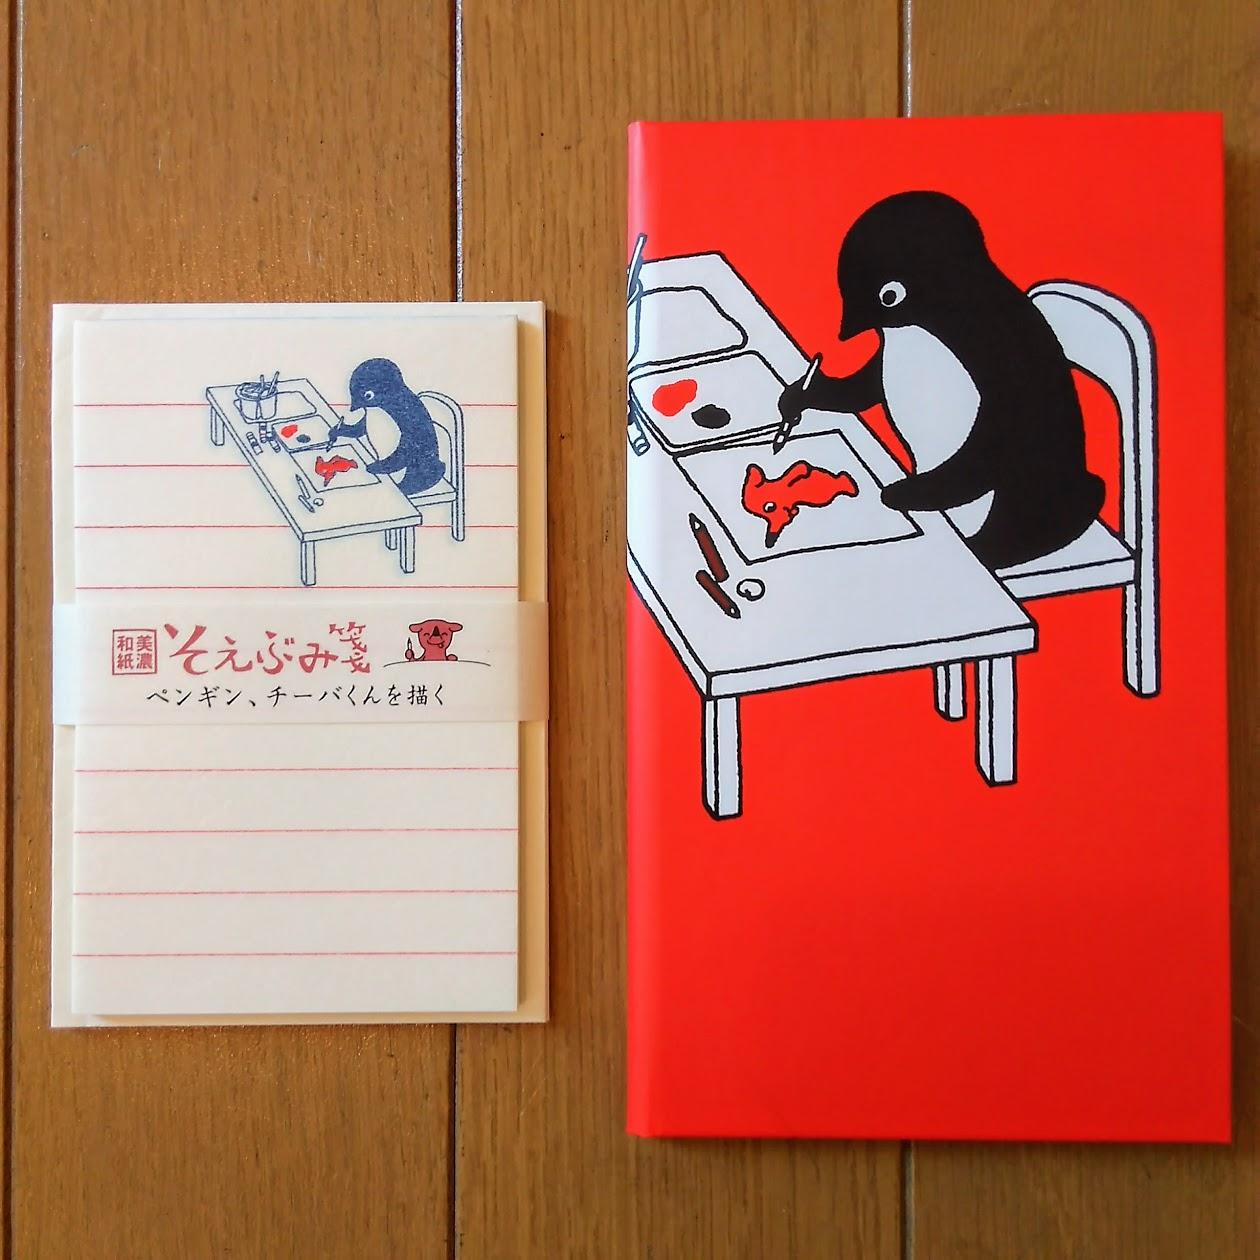 【さかざきちはるさんの文具第二弾】測量野帳本日発売!